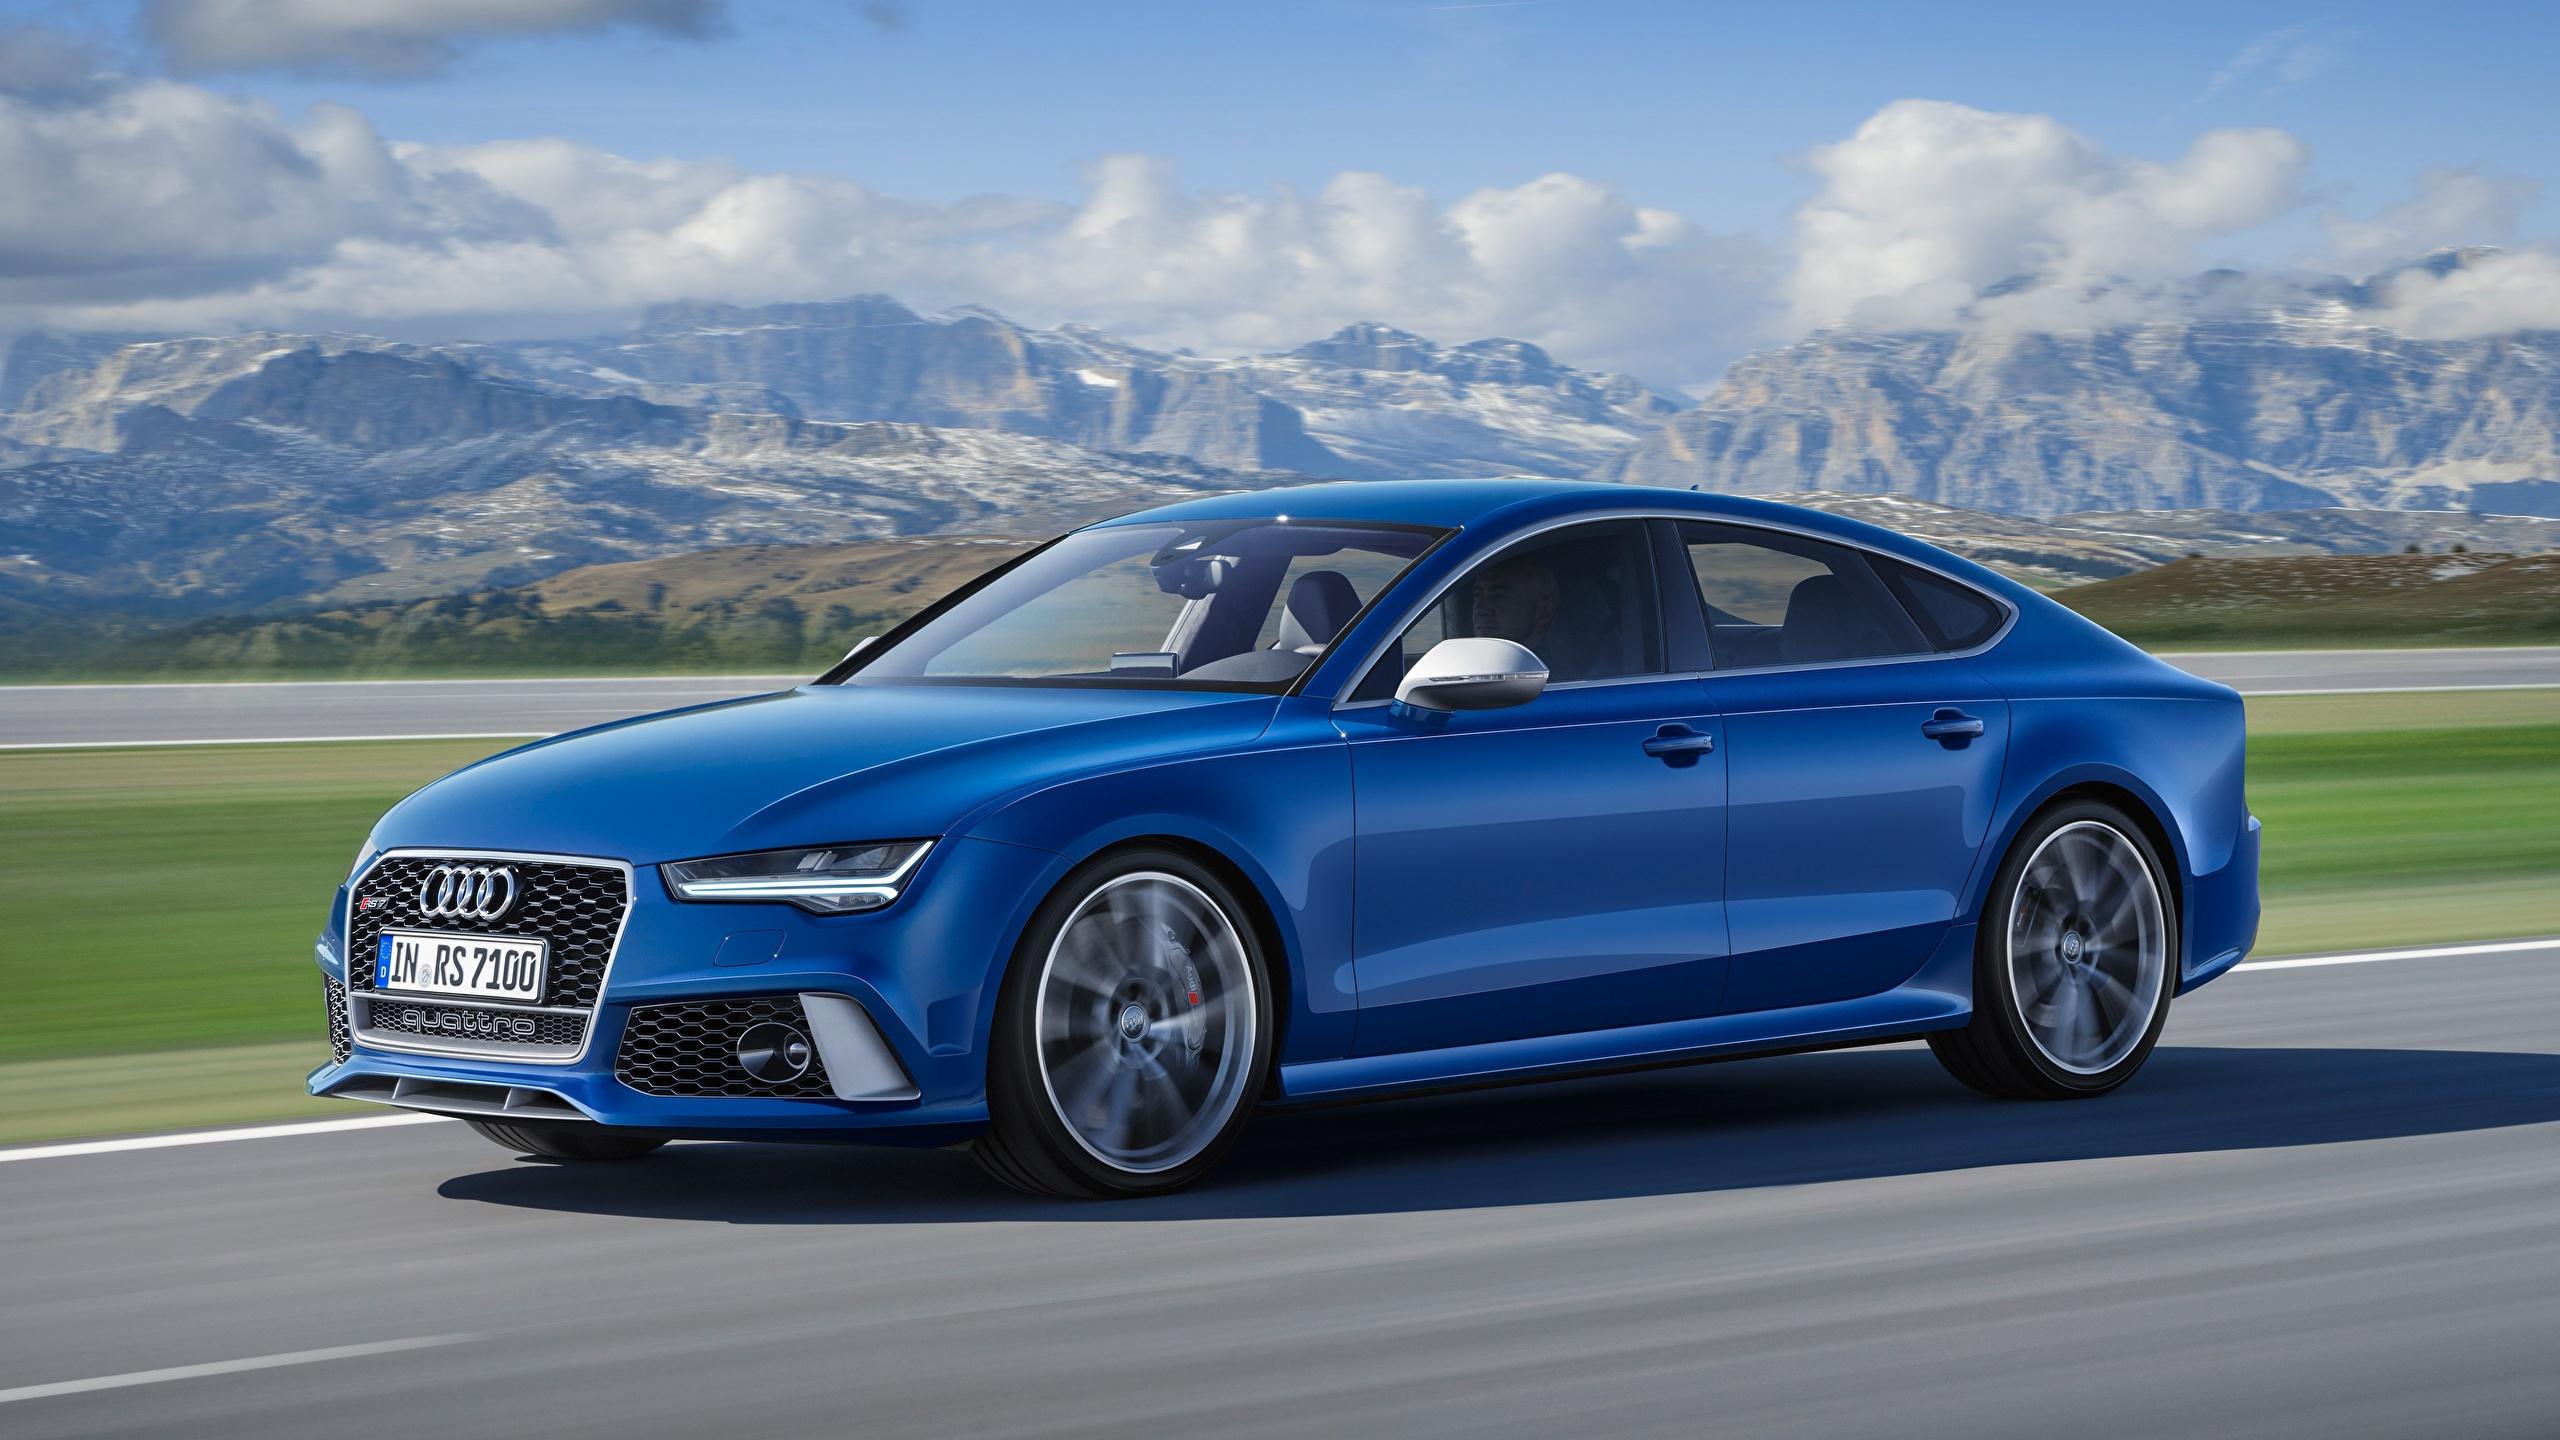 Bilder von Audi Bokeh Blau Bewegung auto Seitlich 2560x1440 unscharfer Hintergrund fährt fahren fahrendes Geschwindigkeit Autos automobil